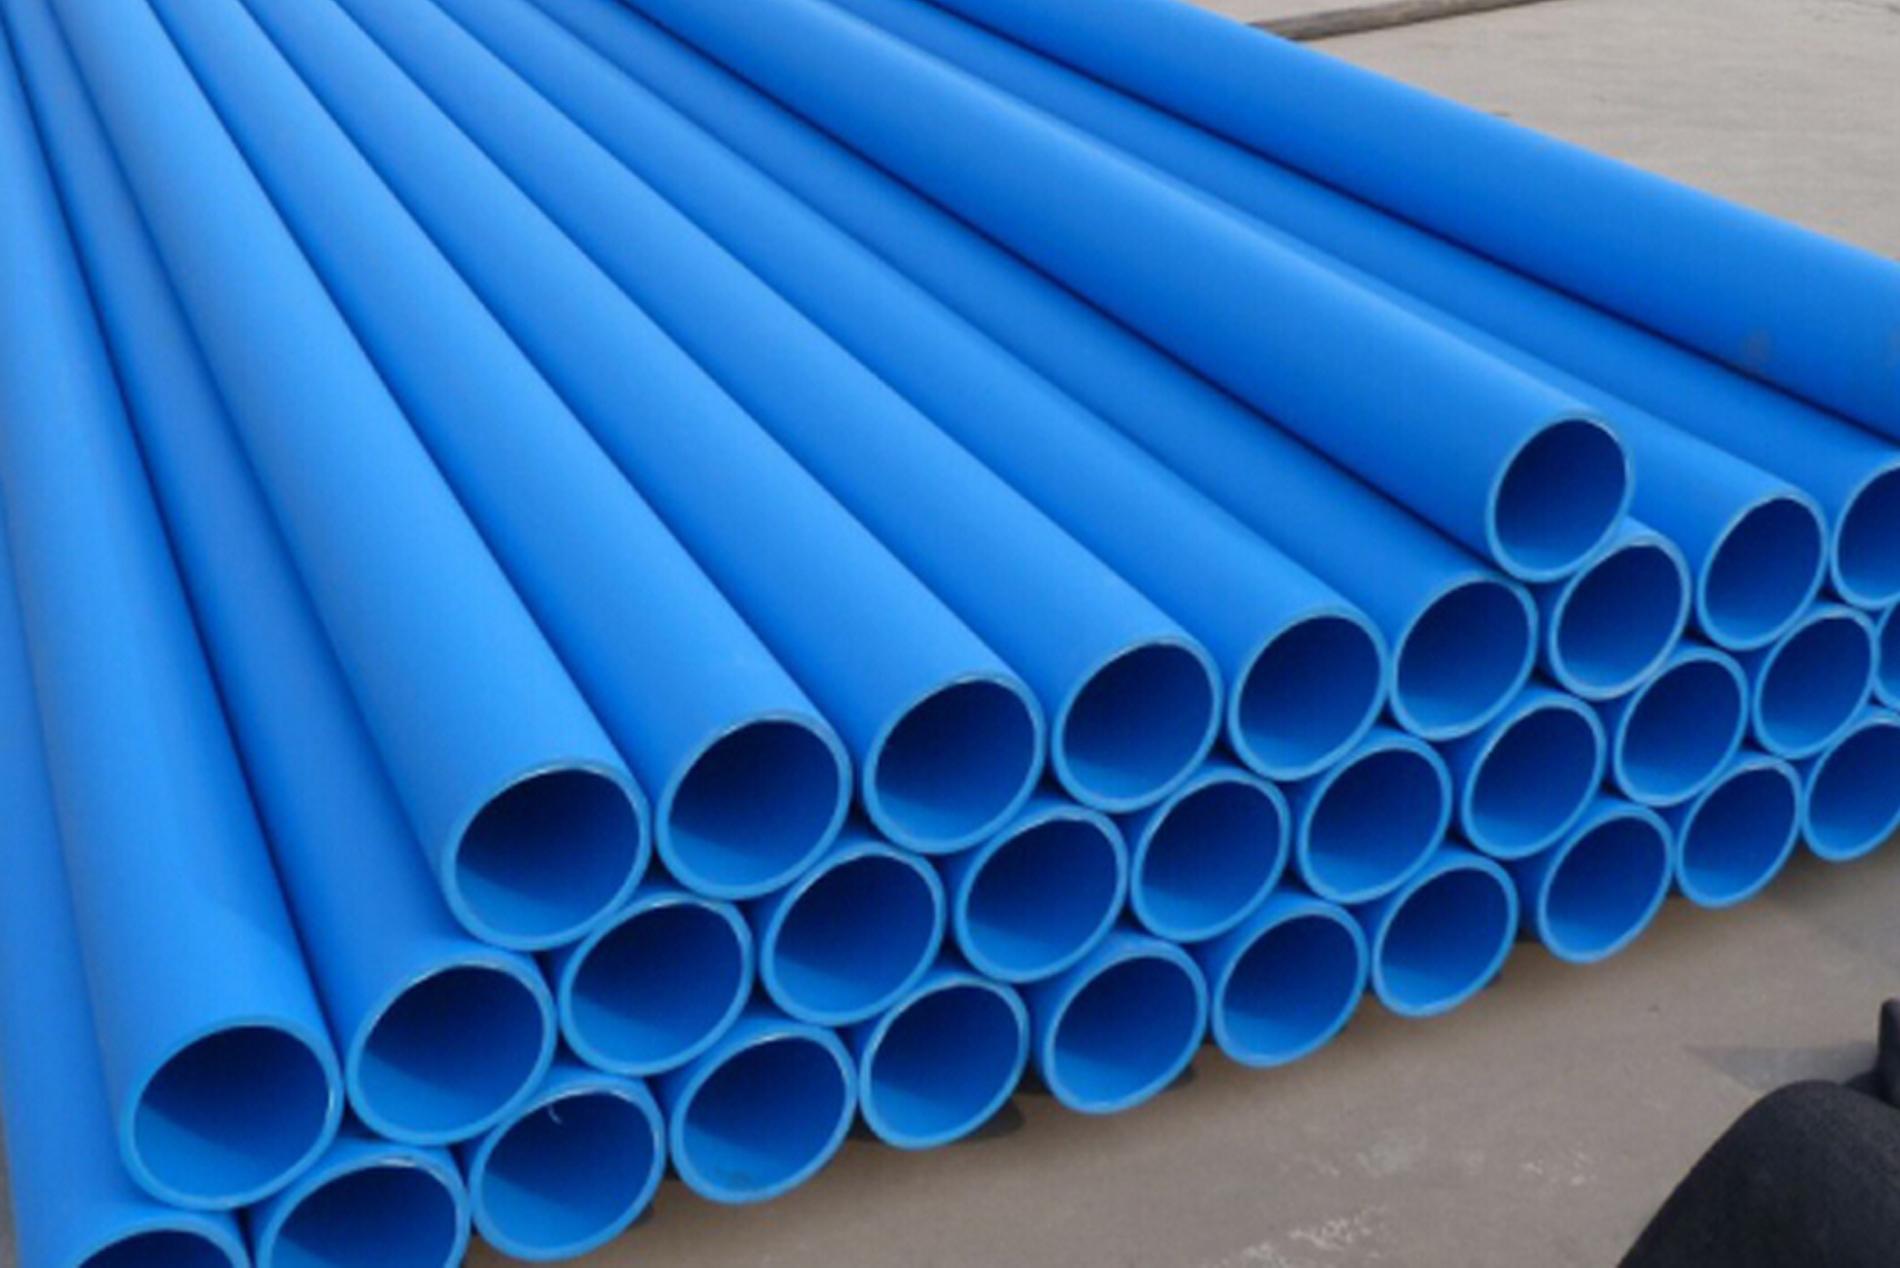 Hdpe Plumbing Pipes Maheshwari Industries Raipur